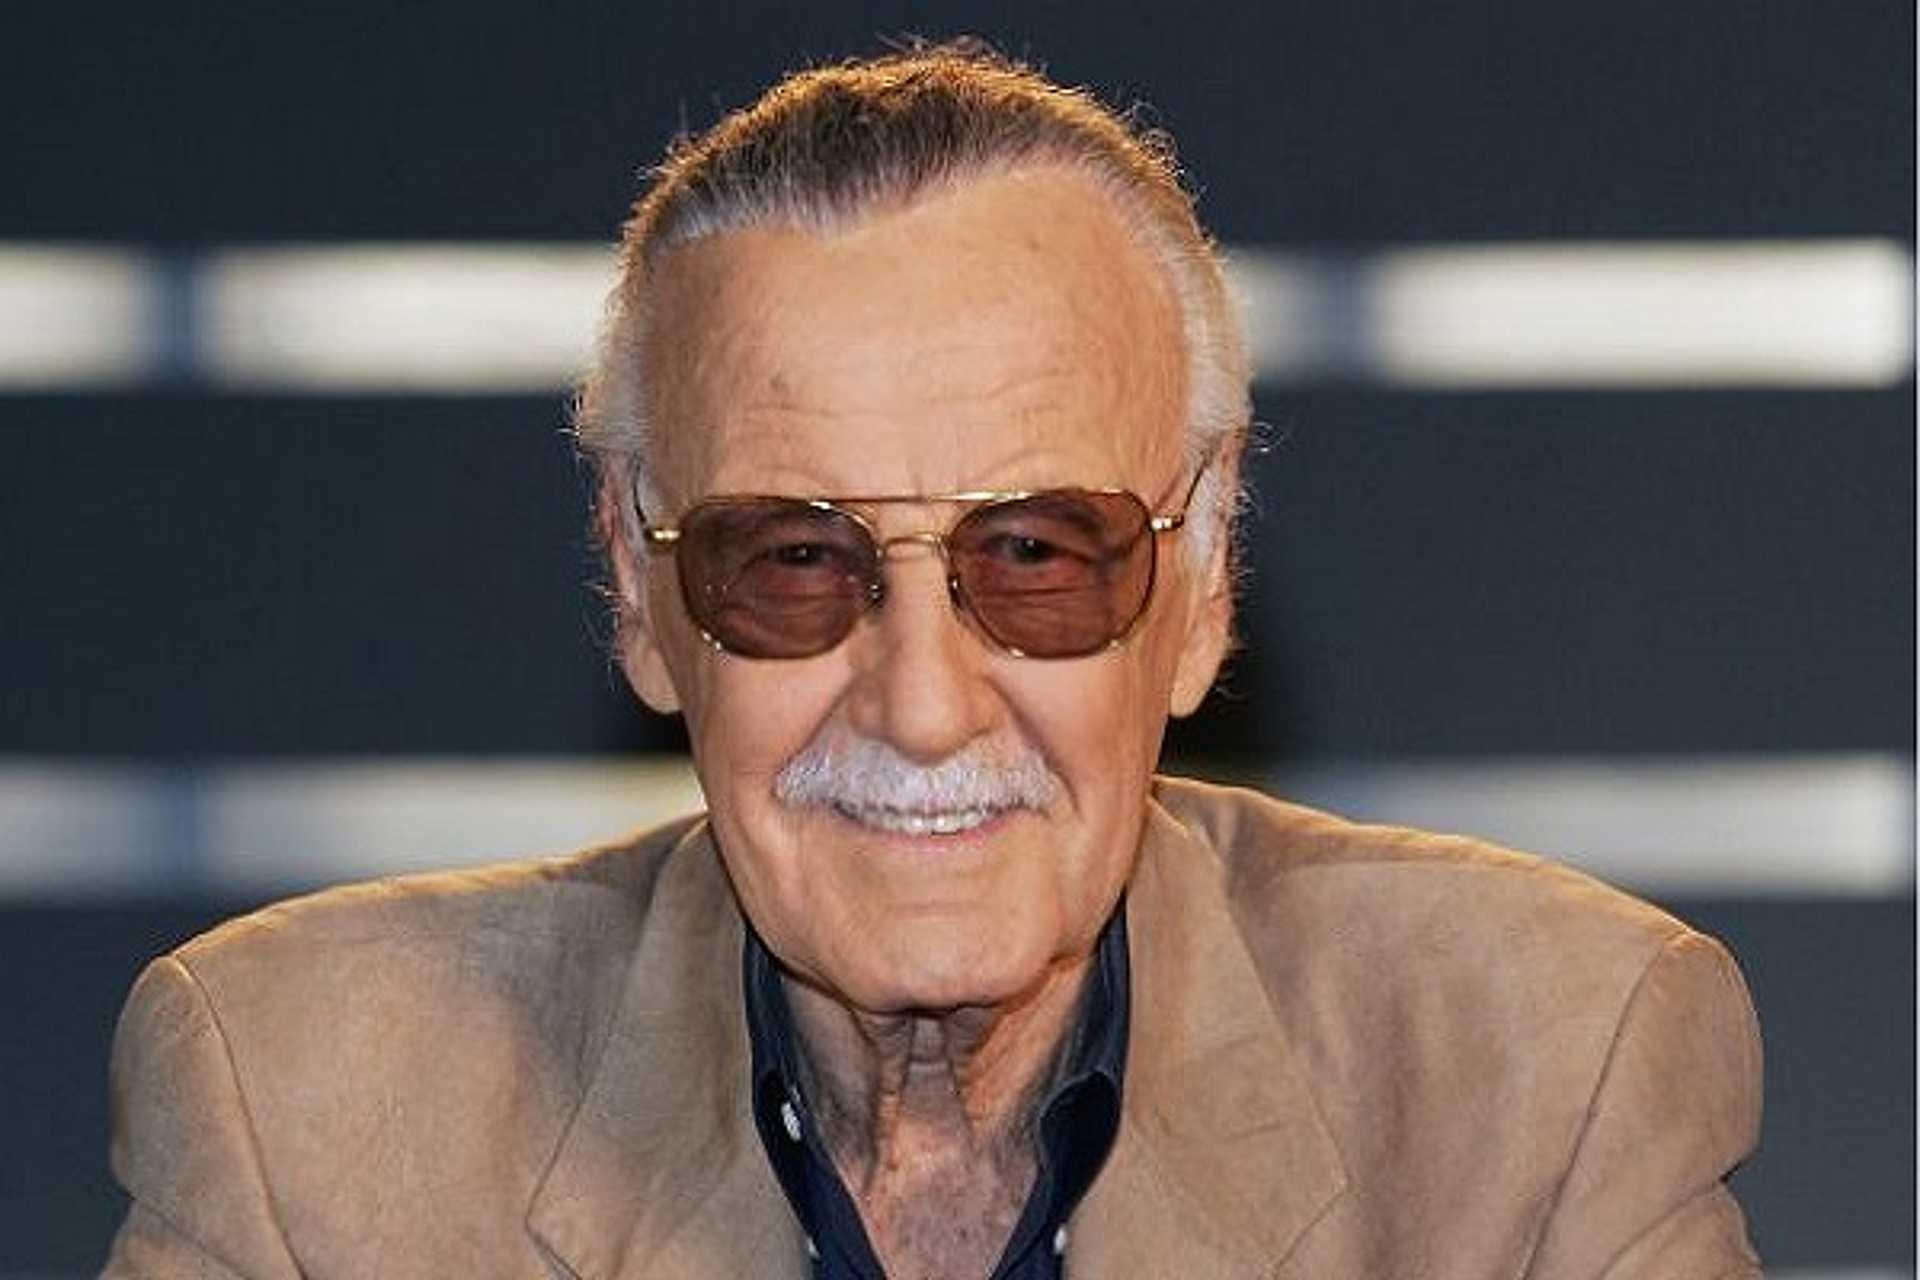 Stan Lee, quem foi? História e carreira do criador da Marvel Comics